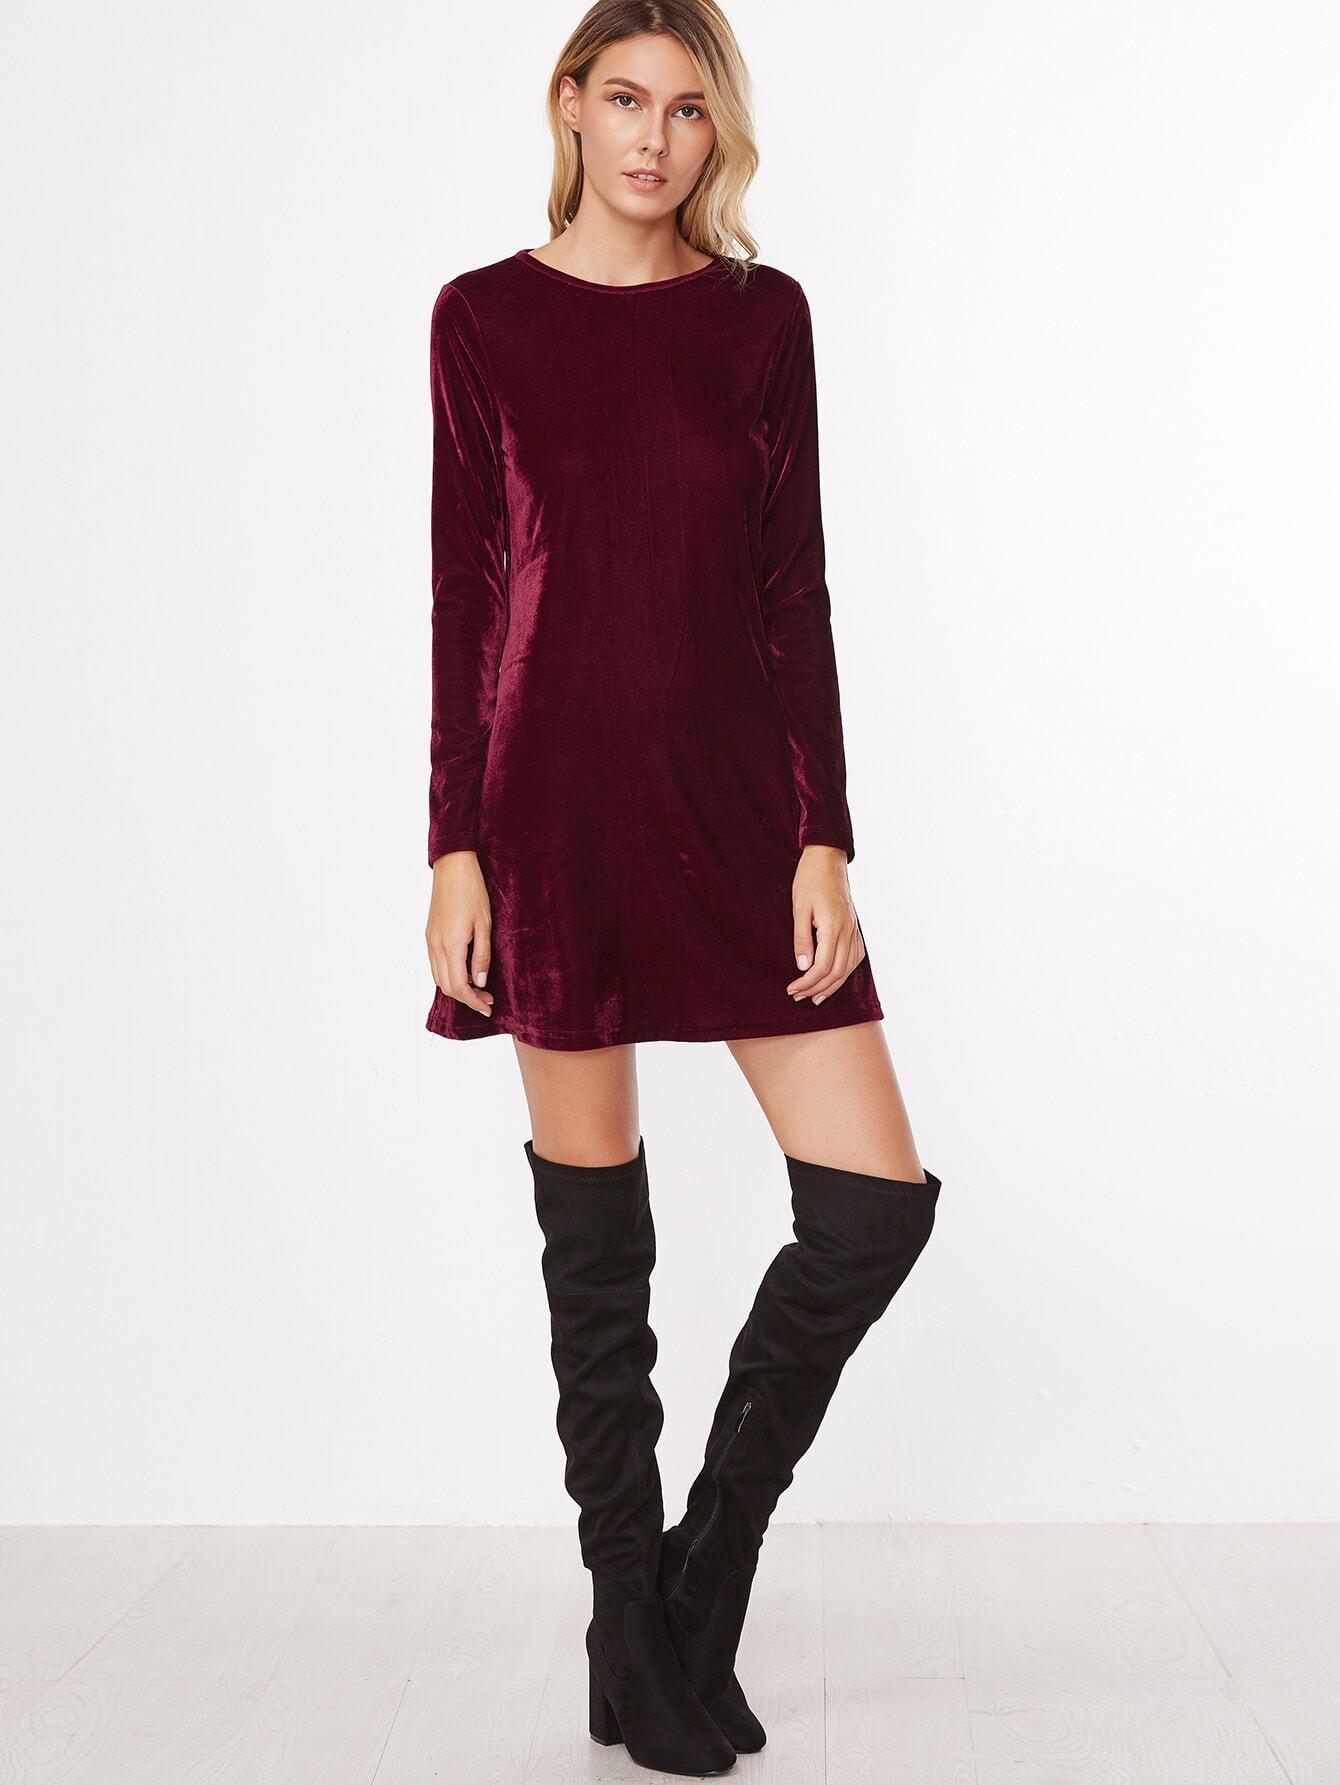 dress161103711_2